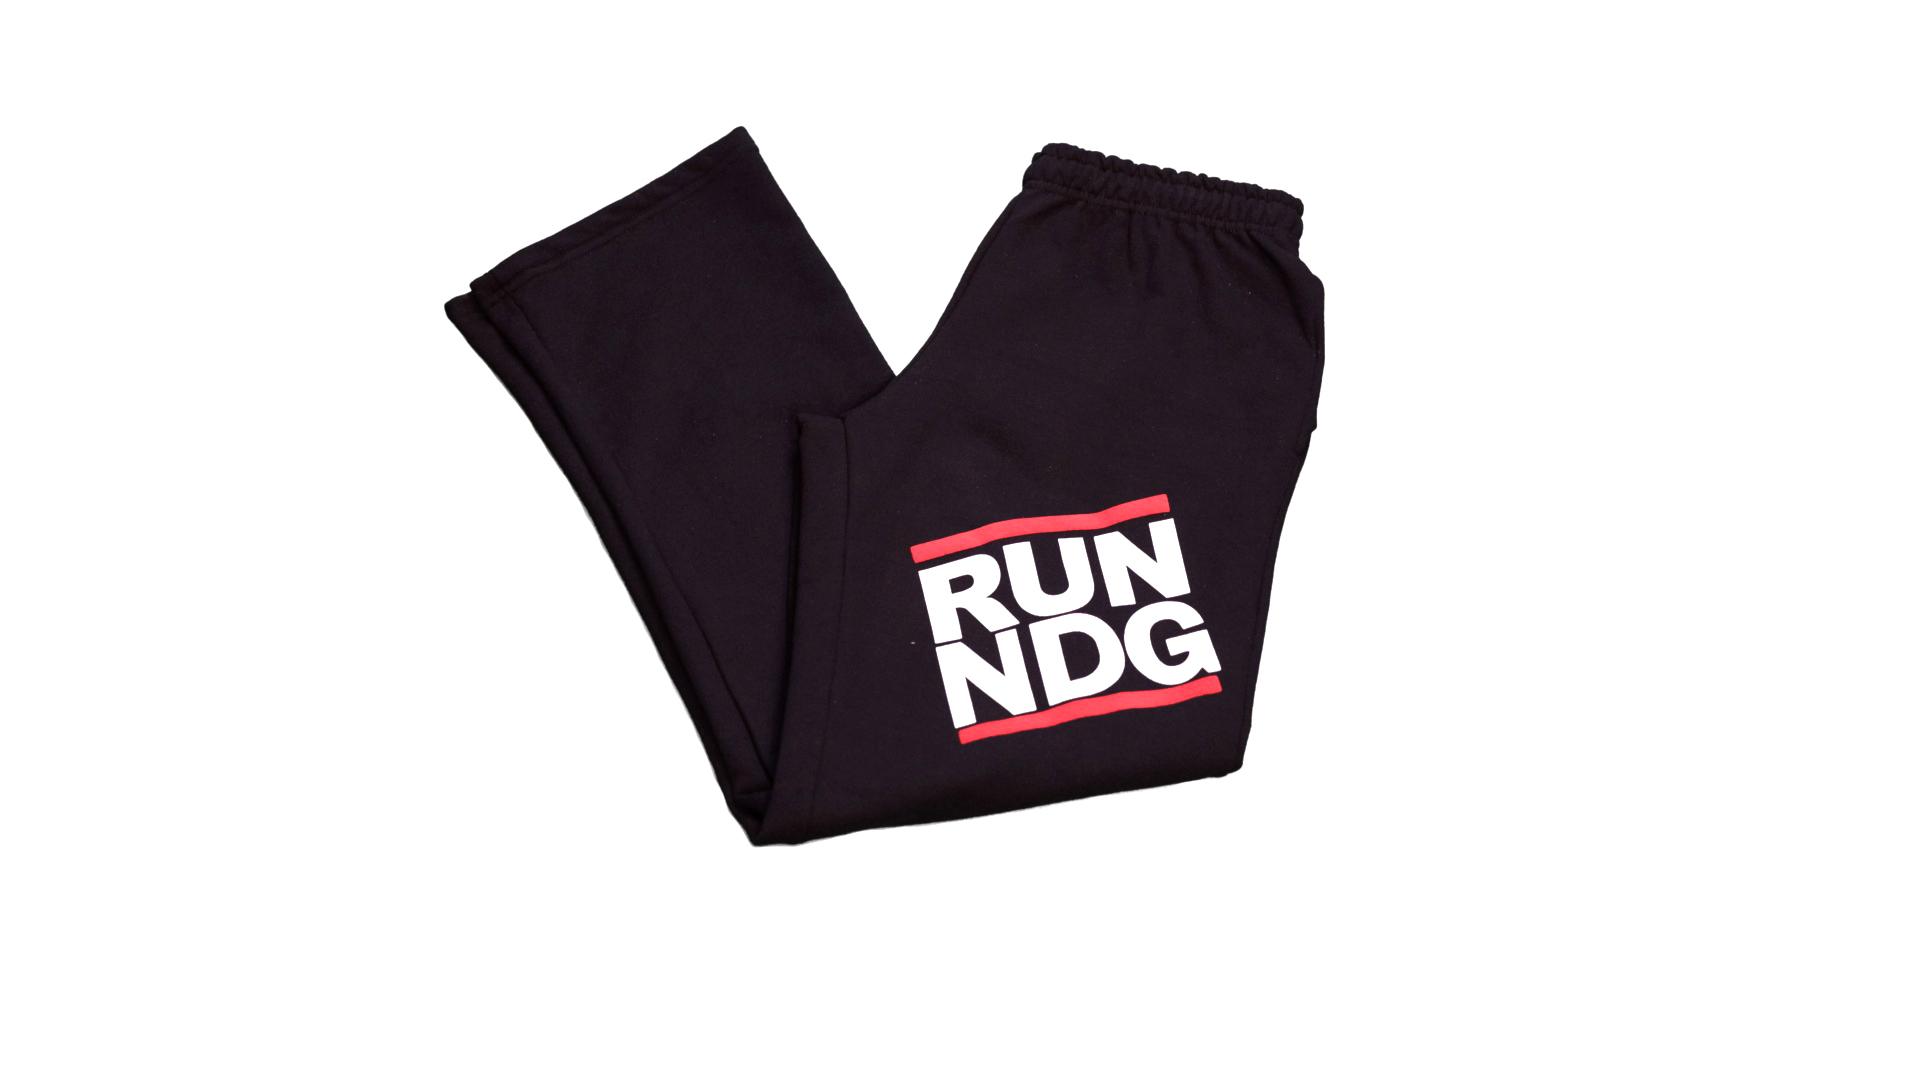 RunNDG9 copy.jpg